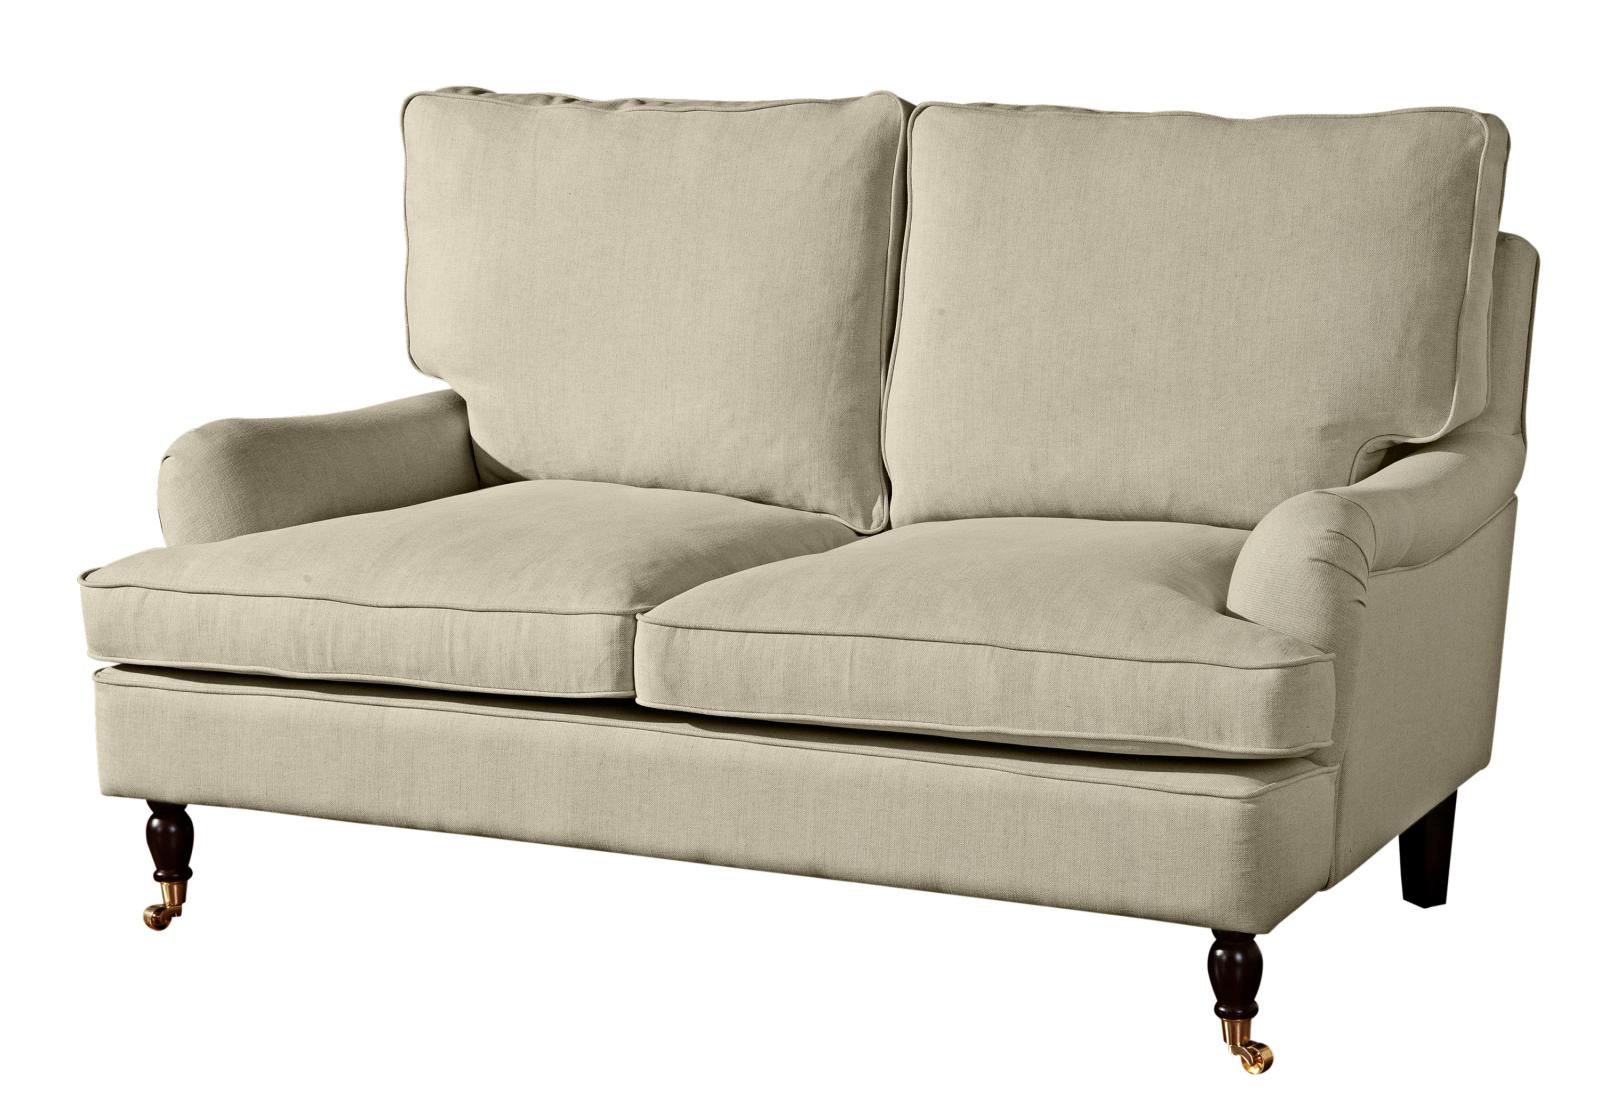 Full Size of Sofa Baumwolle Leinen Reinigen Hussen Couch Leinenstoff Stoff Big 2 Sitzer Beige Flachgewebe In Leinenoptik Online Bei Mit Elektrischer Sitztiefenverstellung Sofa Sofa Leinen